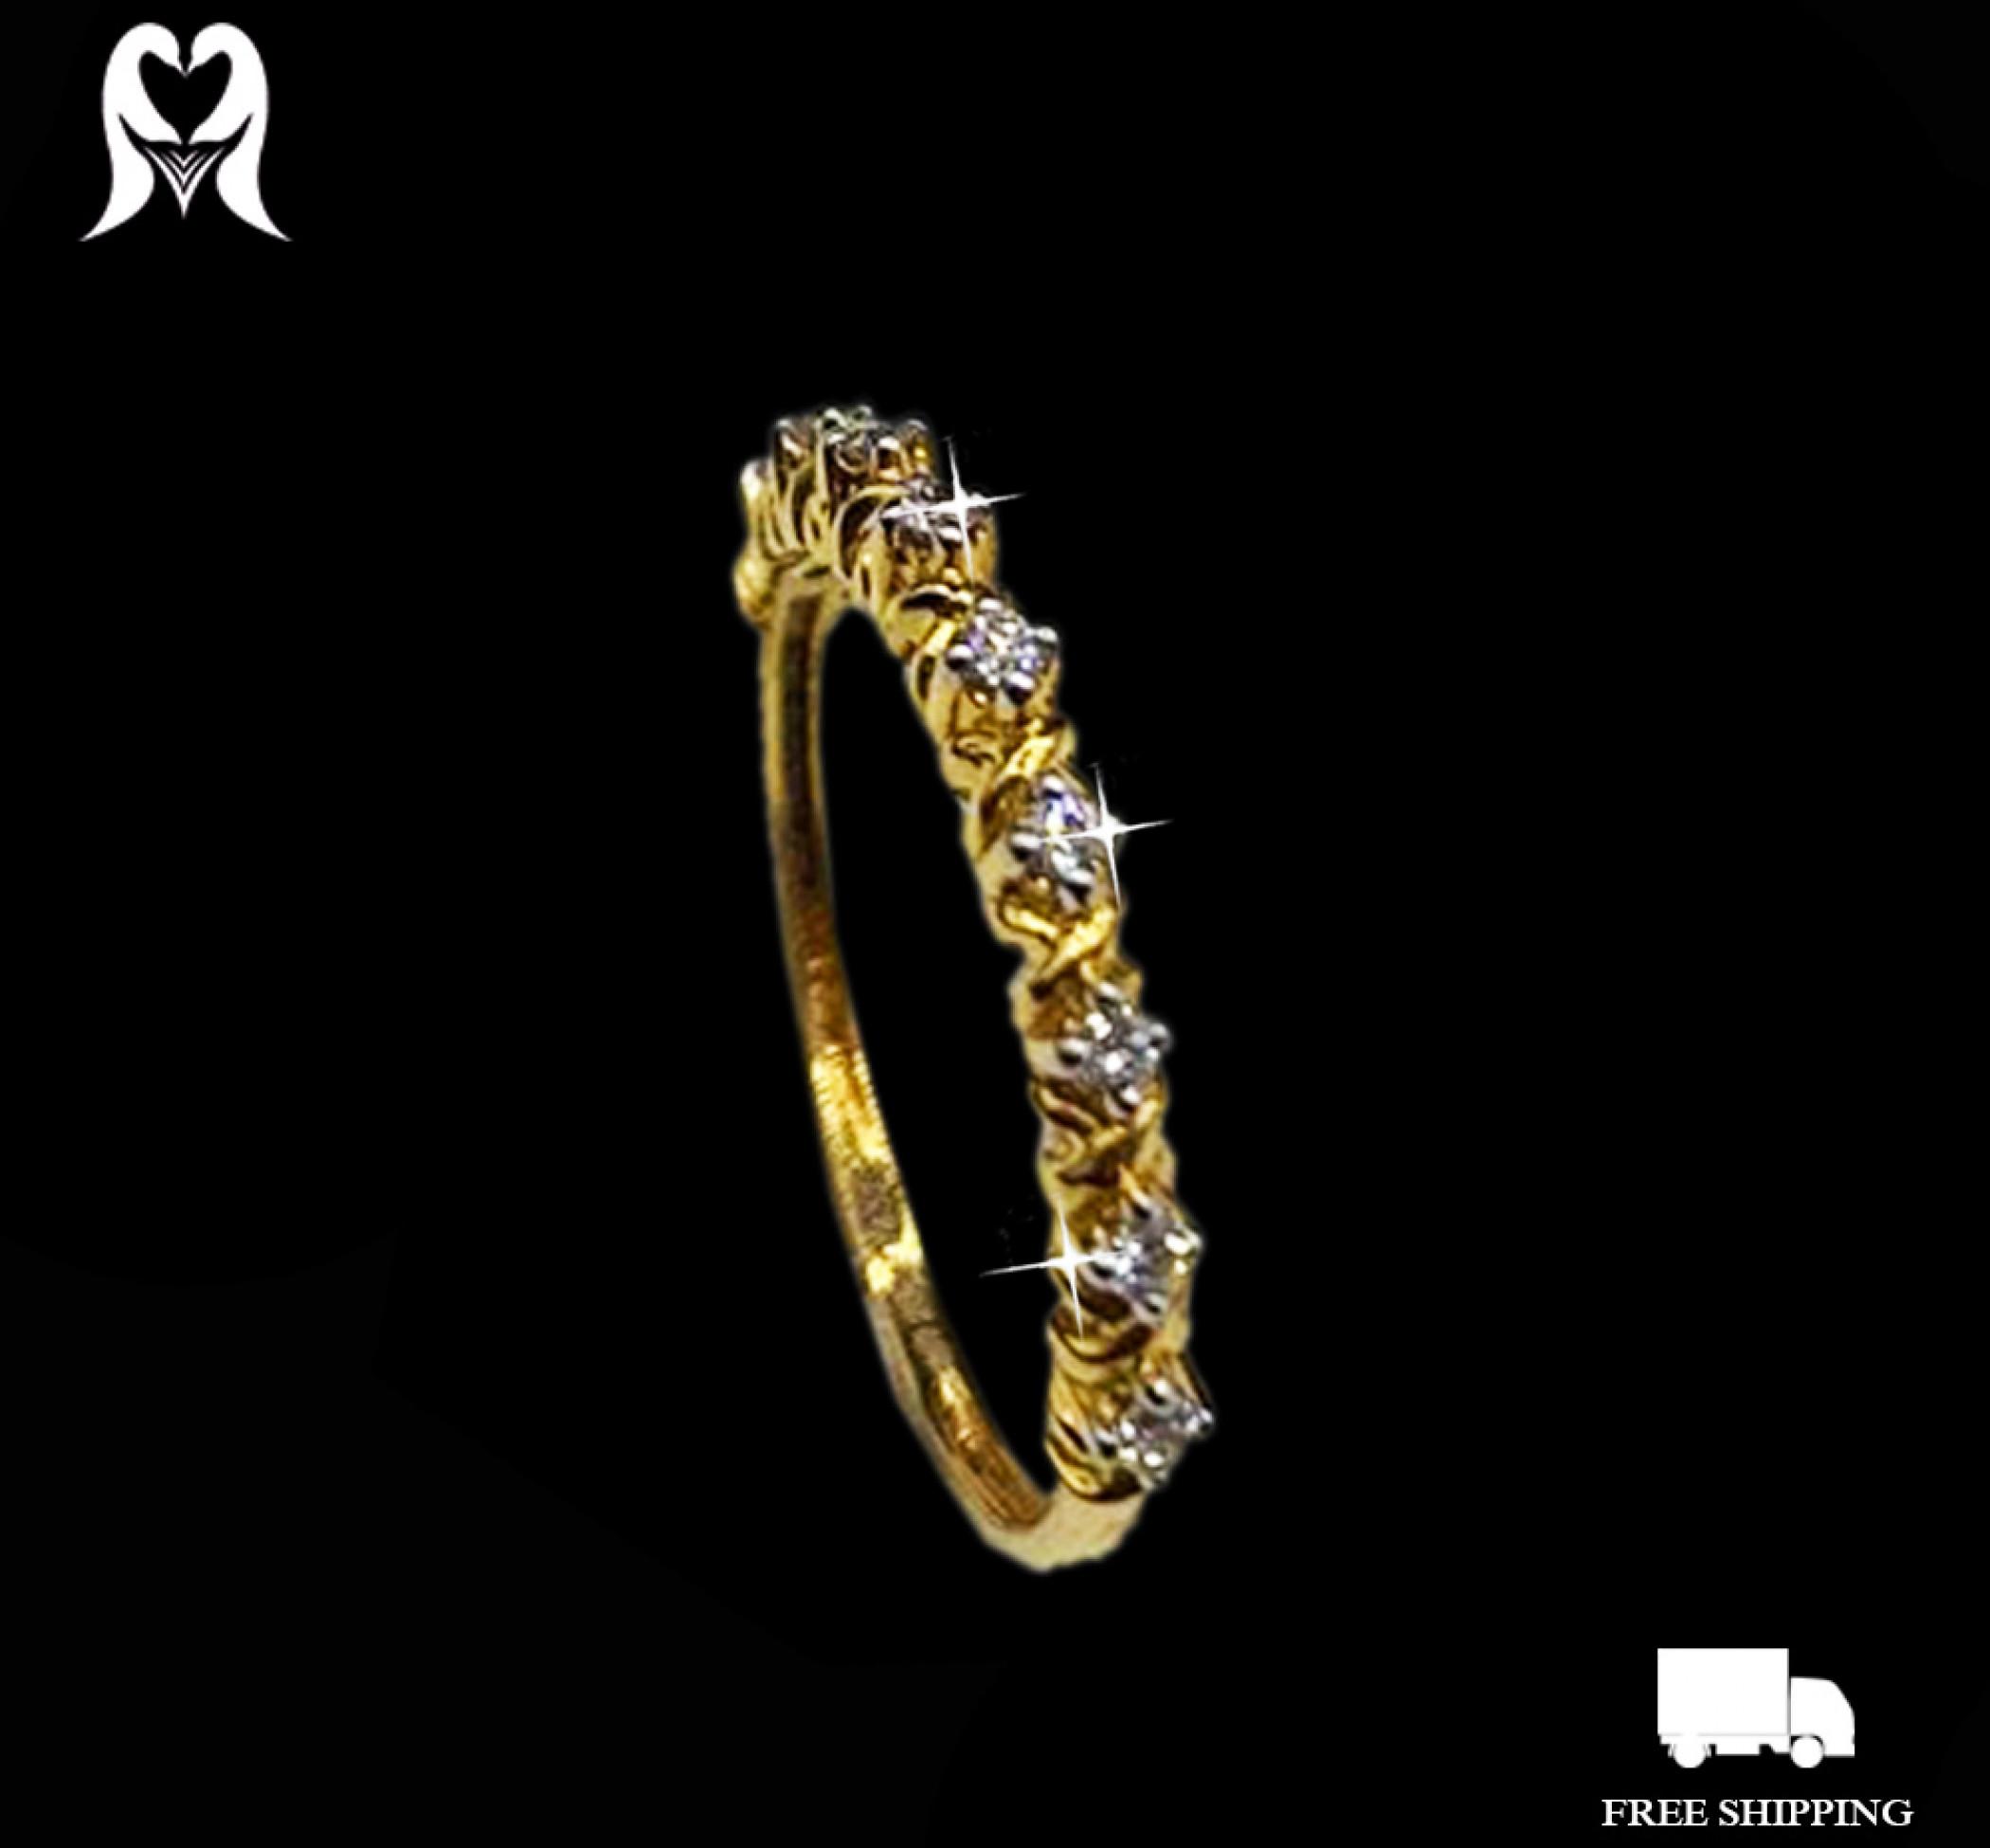 Diamond Ring 0.11CTS 9PCS  J57743 (CERT) [Wt:0.11 - 2030469]